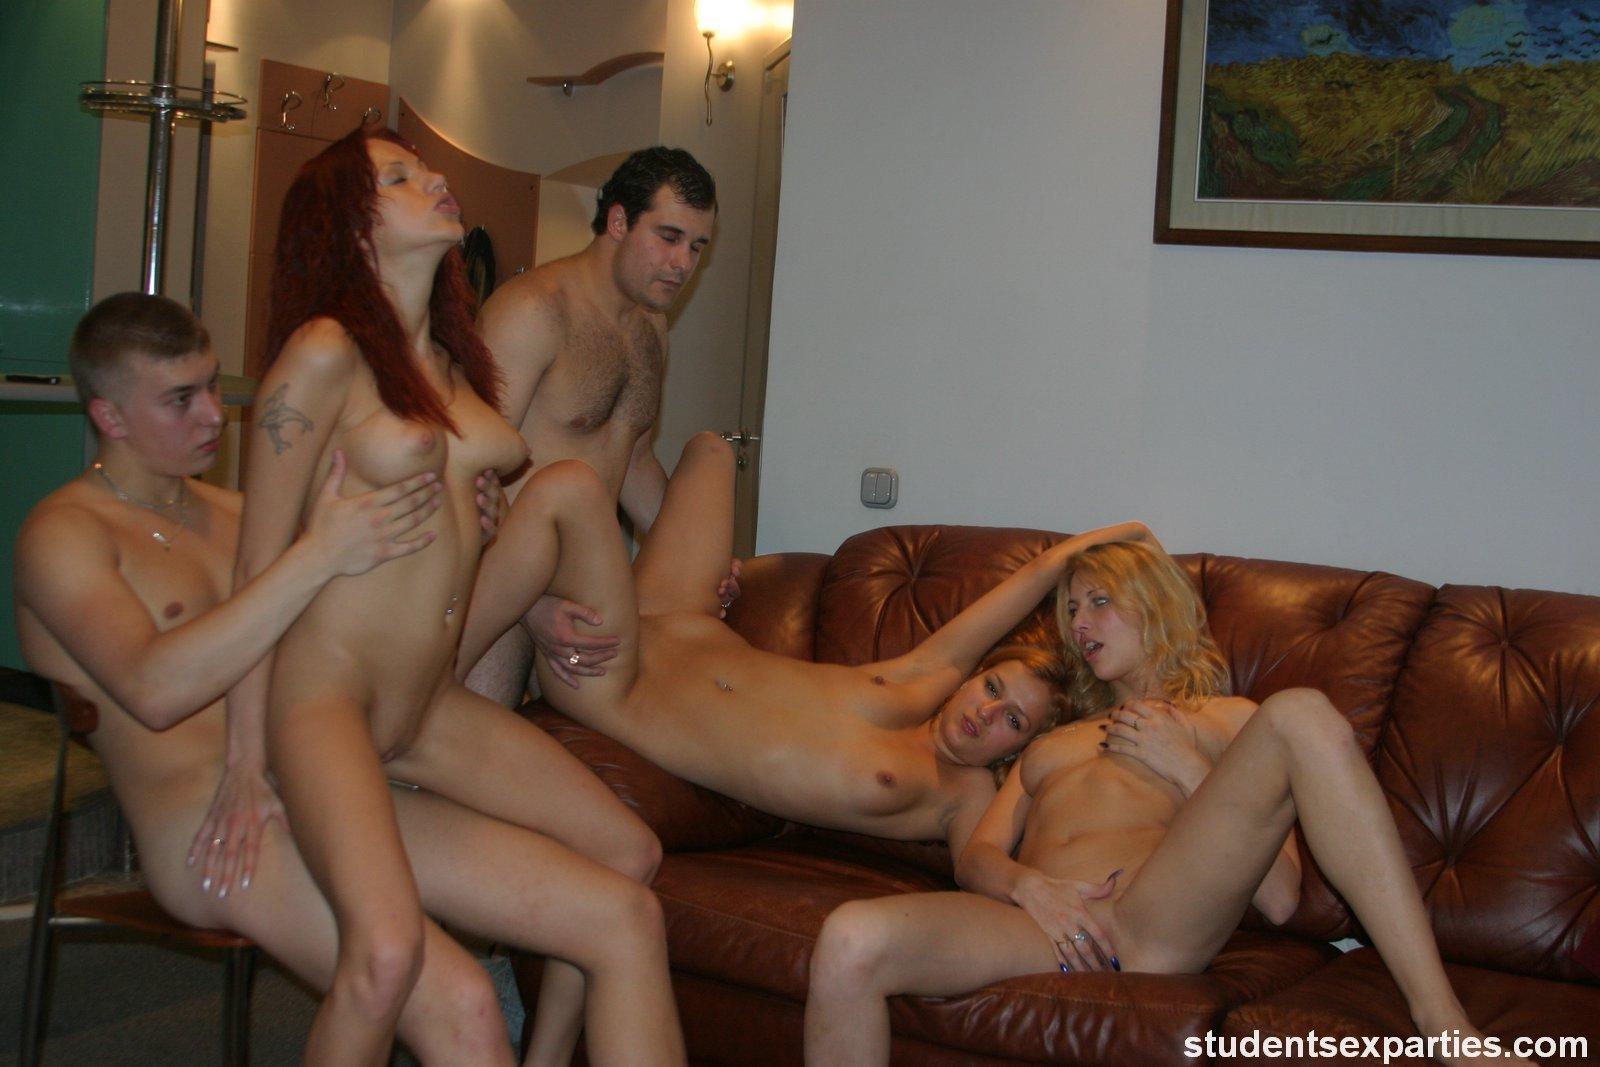 Просмотр онлайн бесплатно групповое порно 8 фотография